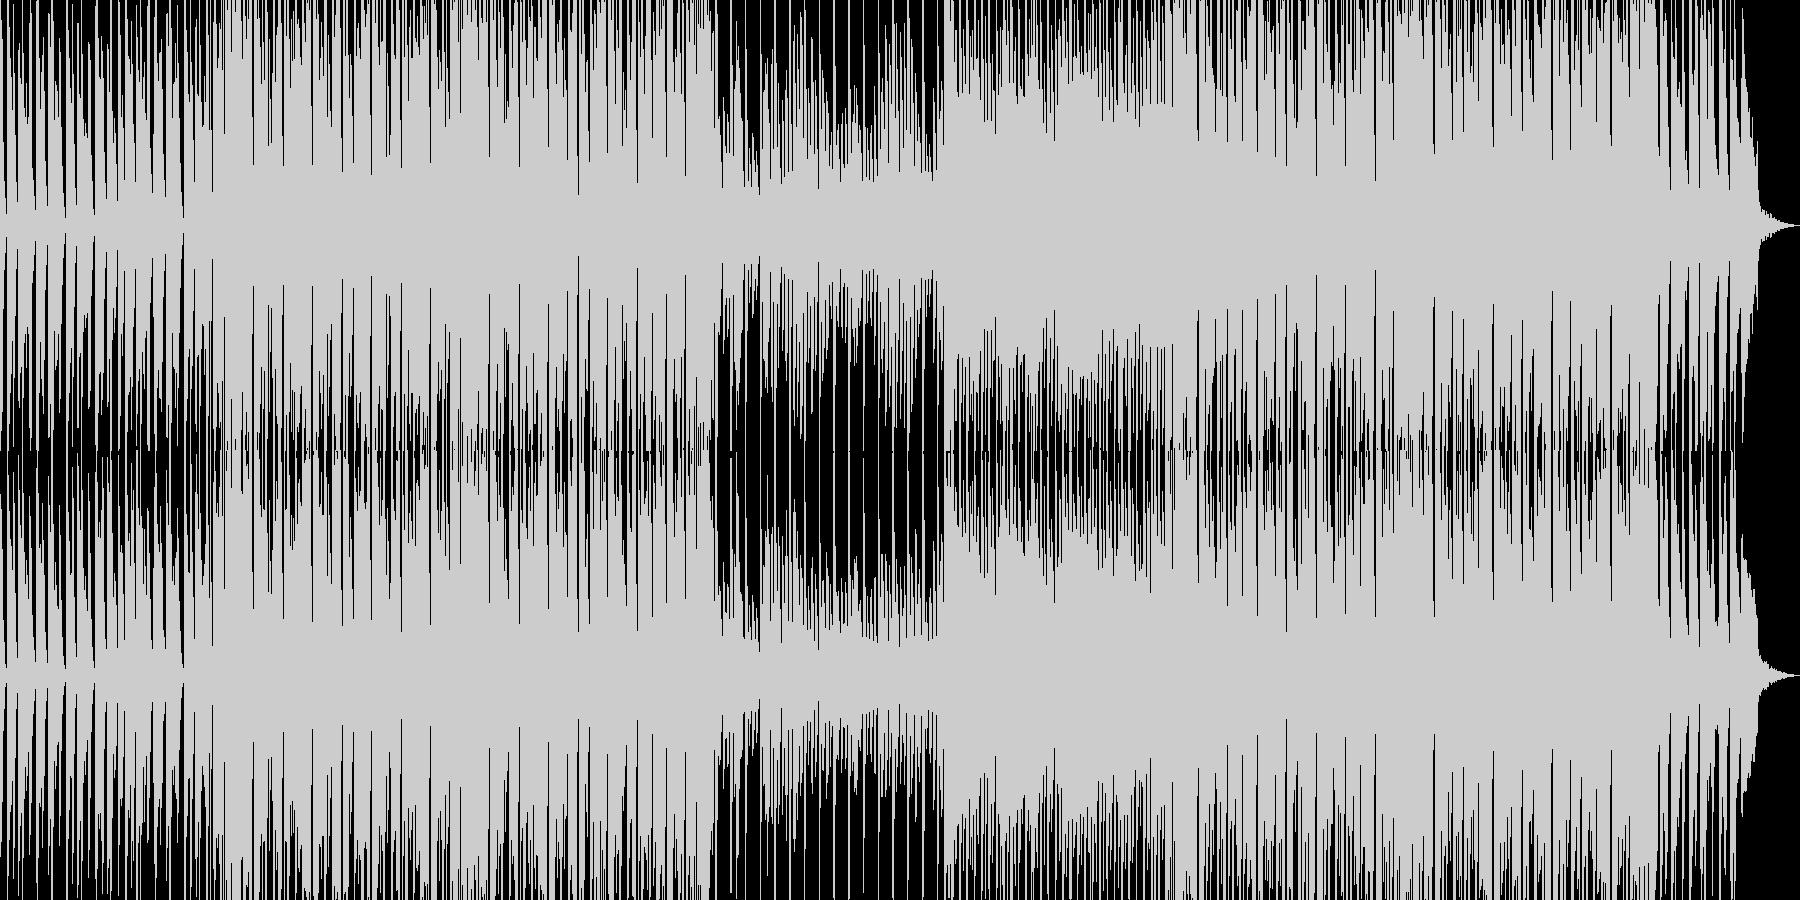 ポップ テクノ ロック ほのぼの ...の未再生の波形